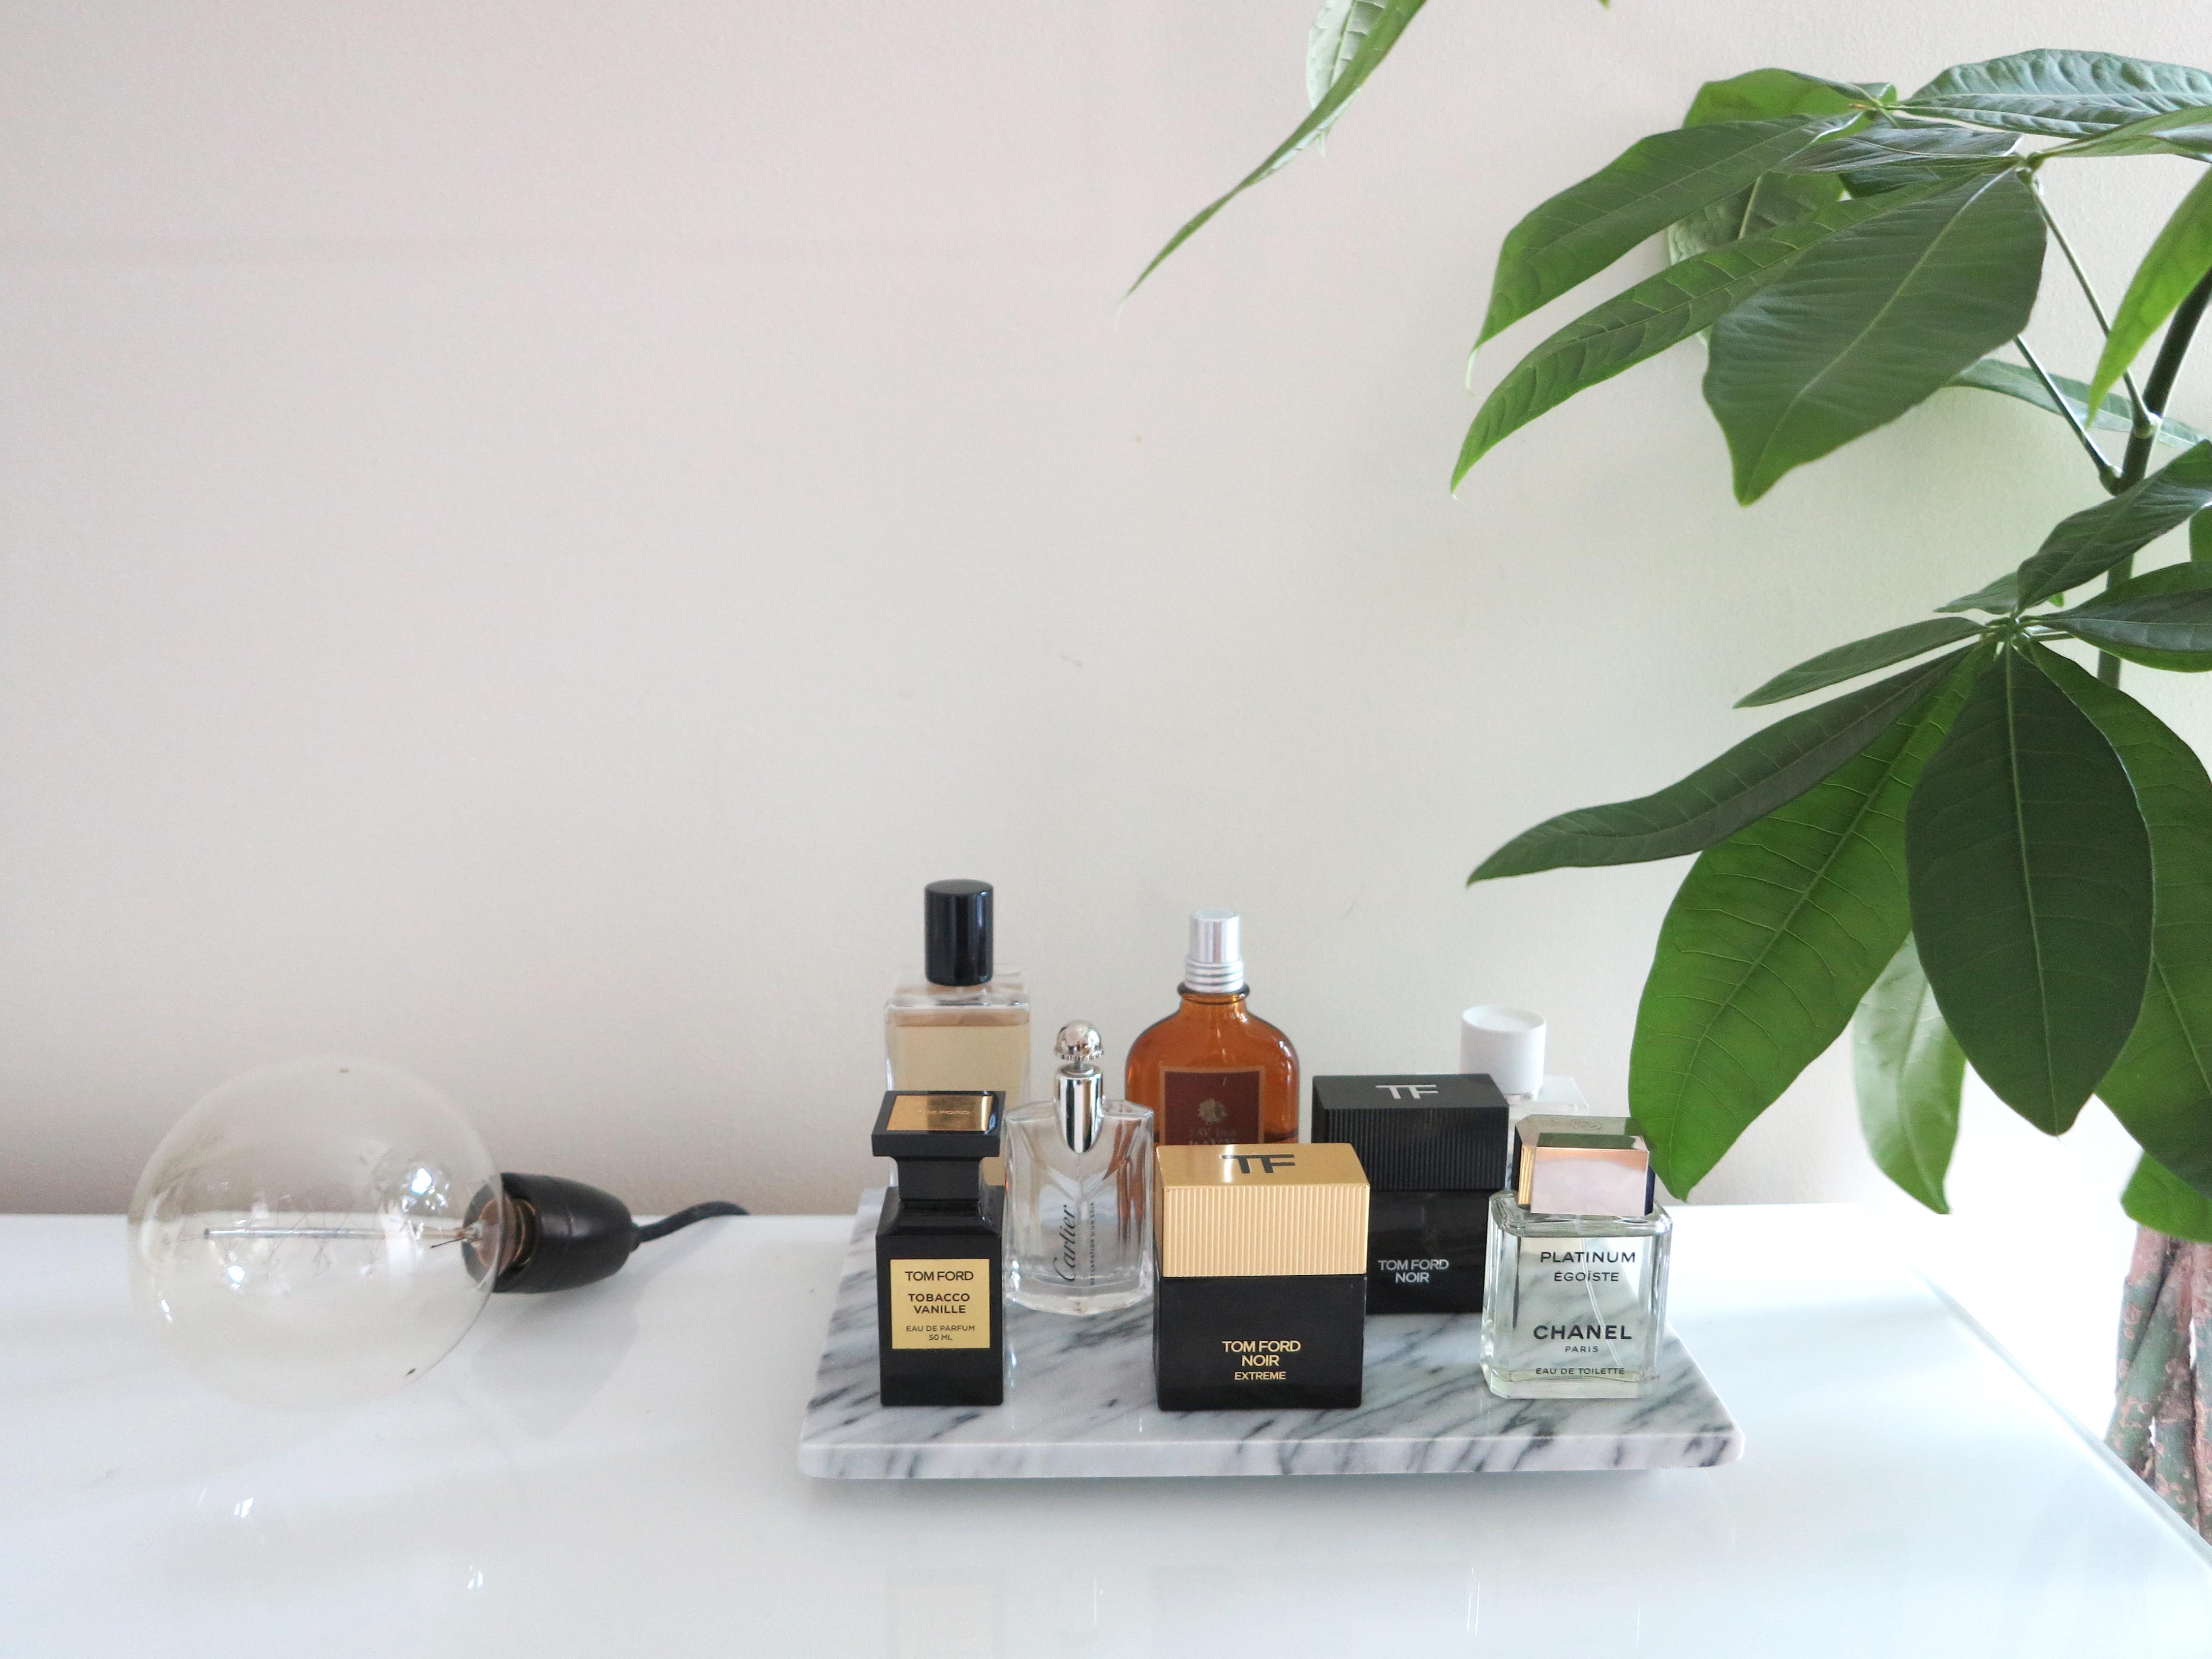 parfymesakMelk1